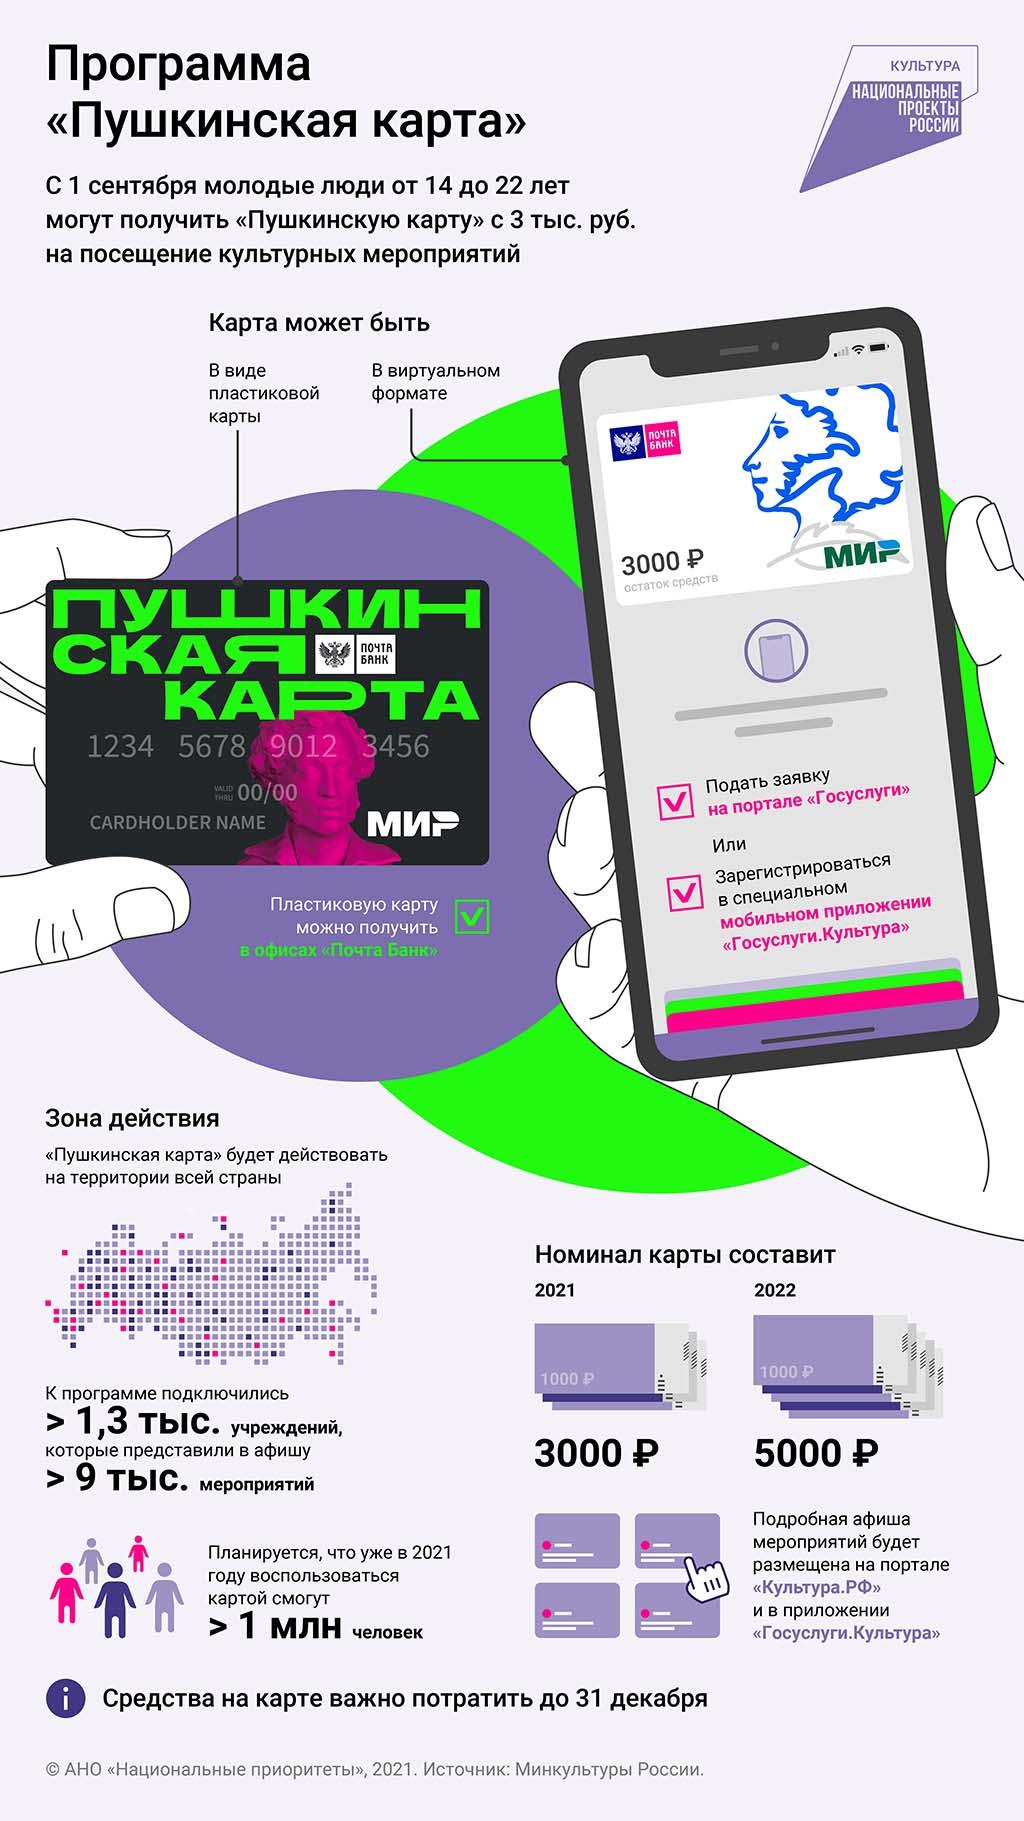 «Пушкинская карта»: рассказываем, как пользоваться